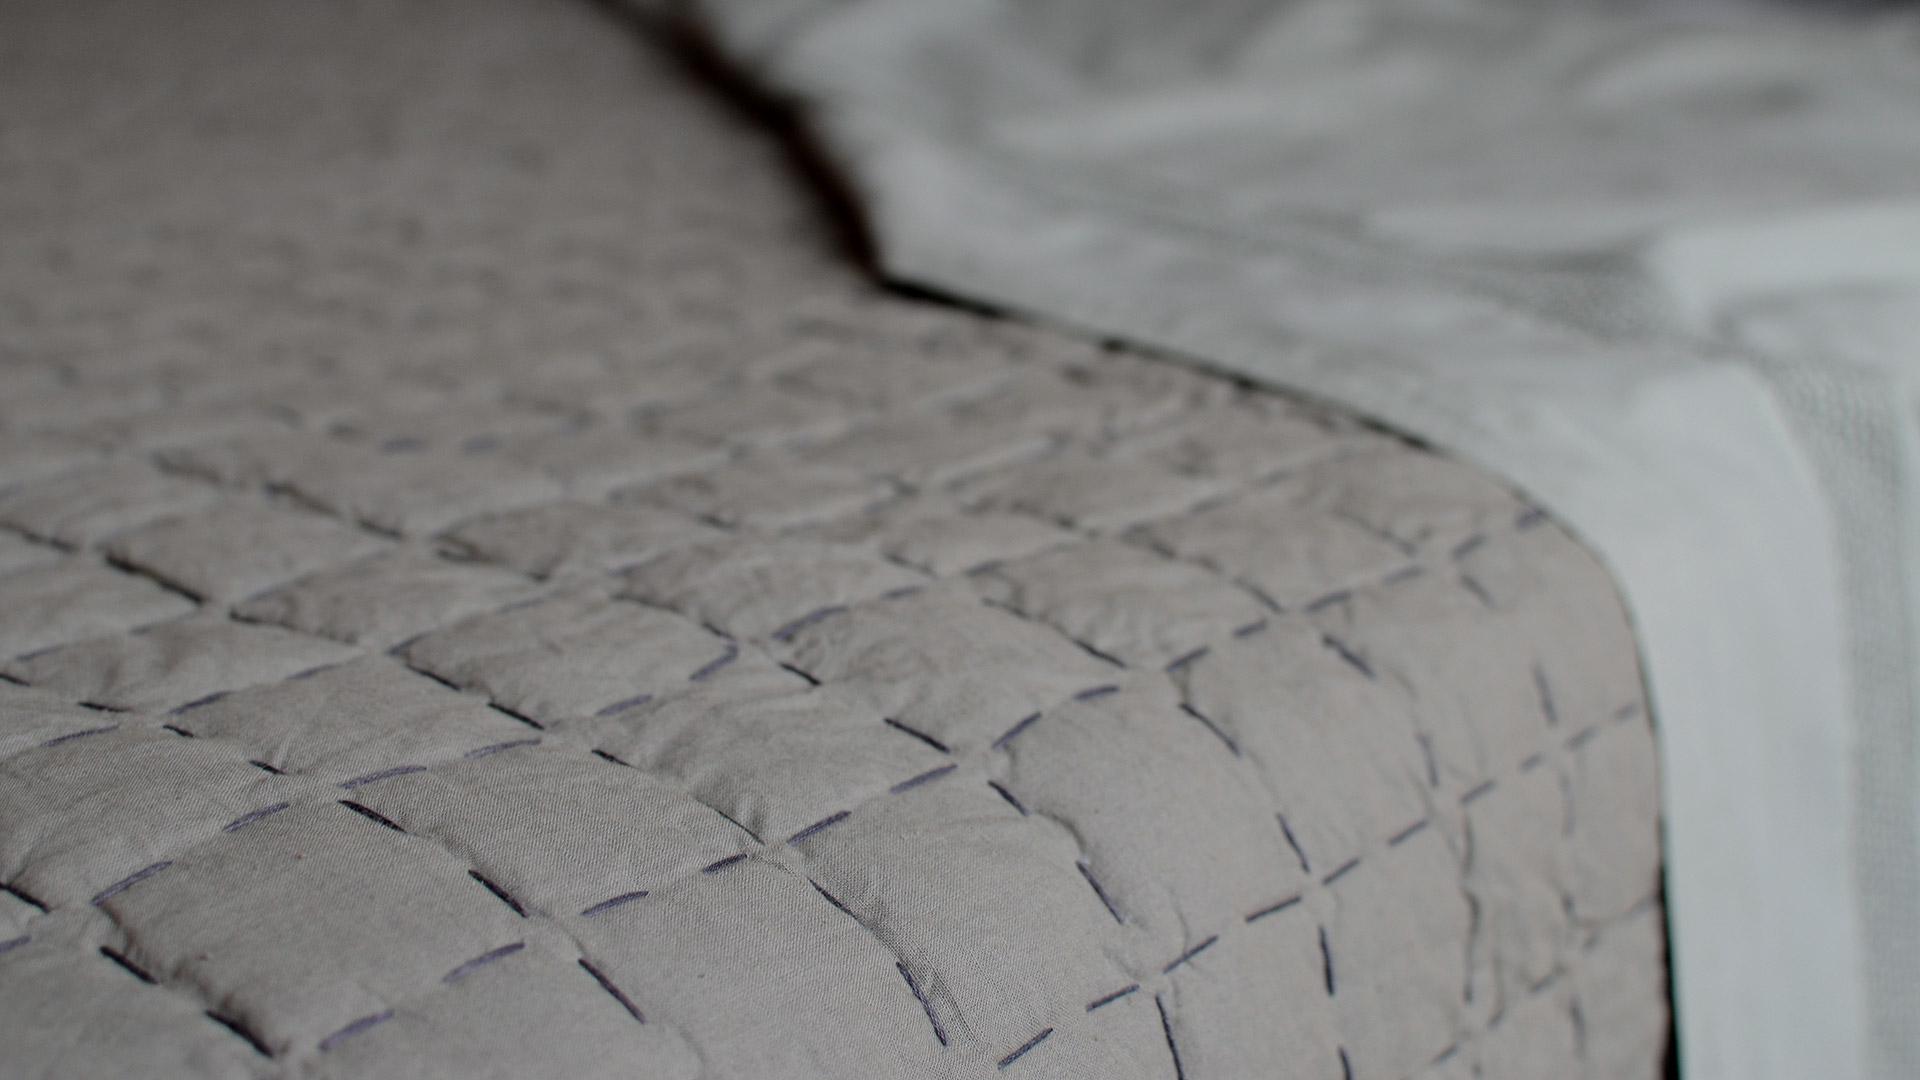 kantha-quilt-close-up